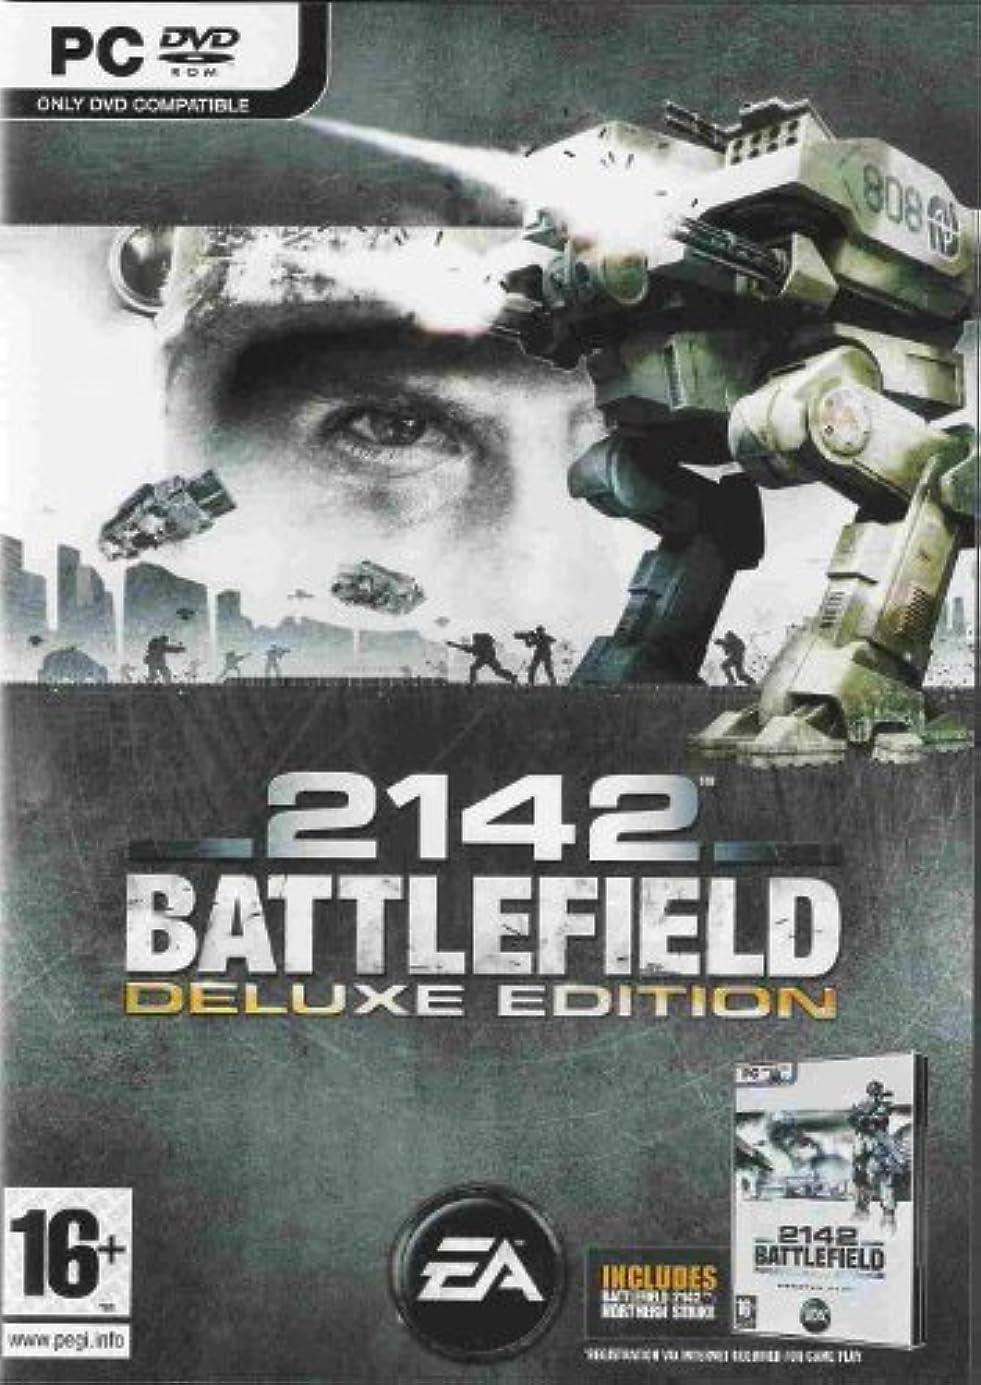 メンター一貫した受粉するBattlefield 2142: Deluxe Edition (PC) (輸入版)